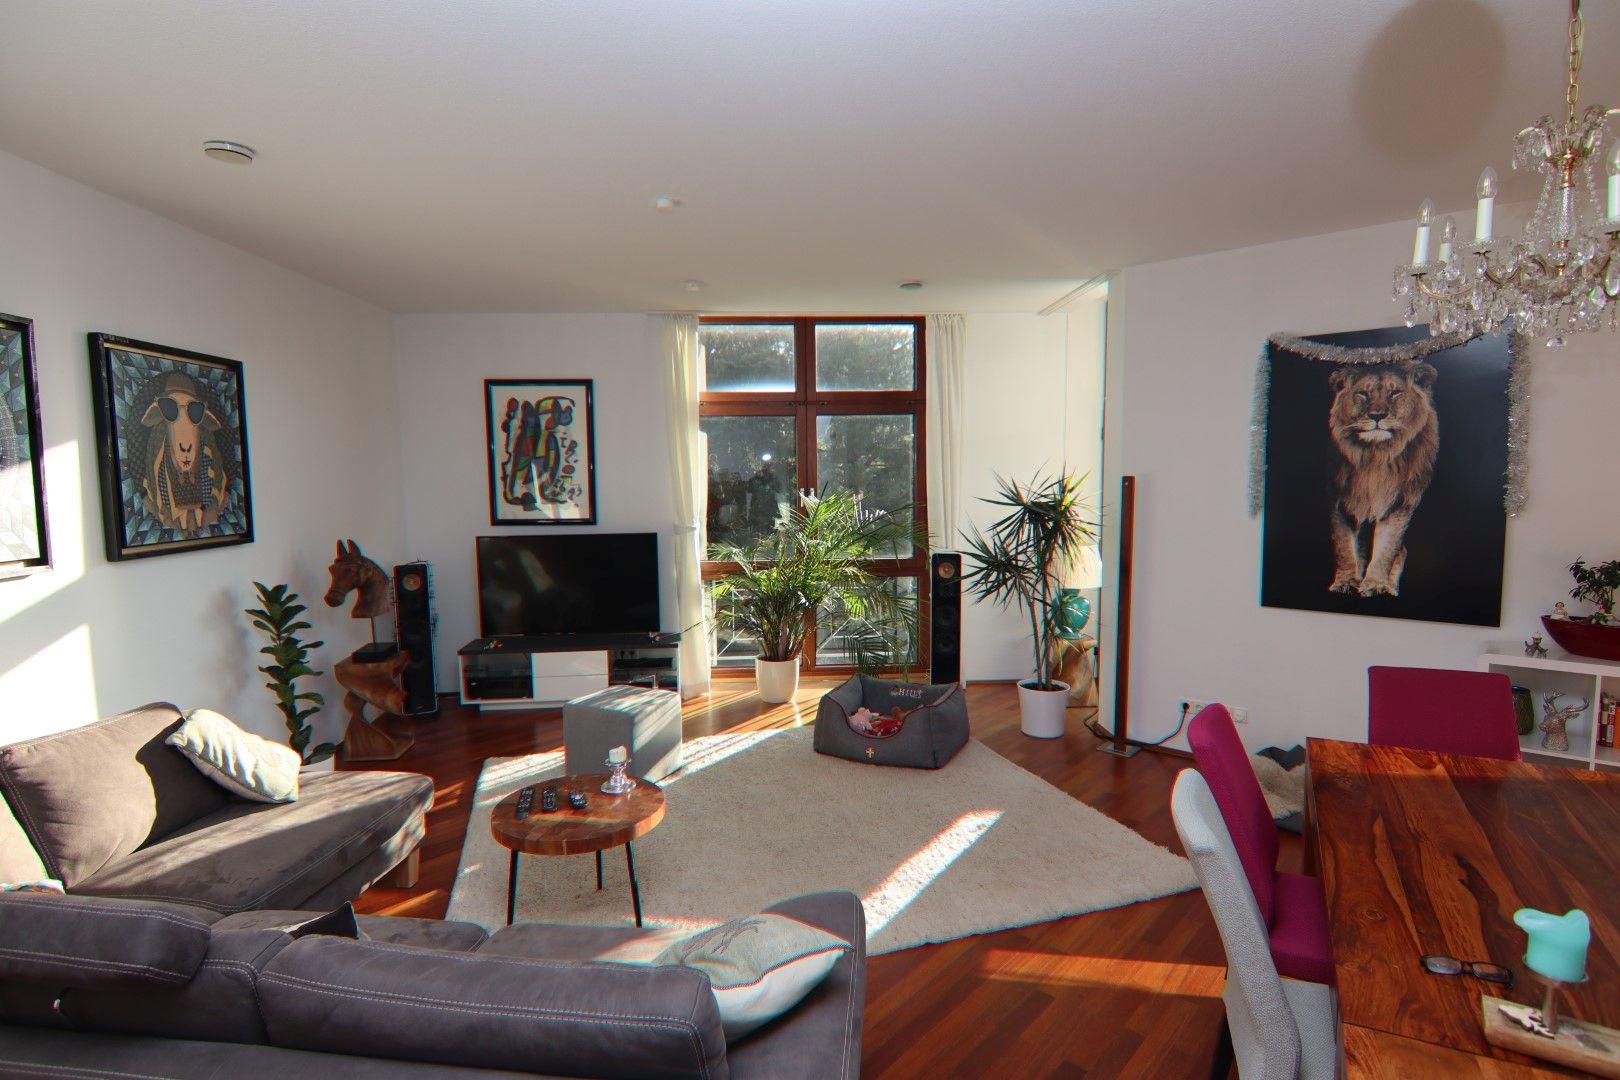 Immobilie Nr.0275 - 4-Raum-Deluxe-Wohnung mit Aufzug, Dachterrasse u. Garage - Bild 2.jpg